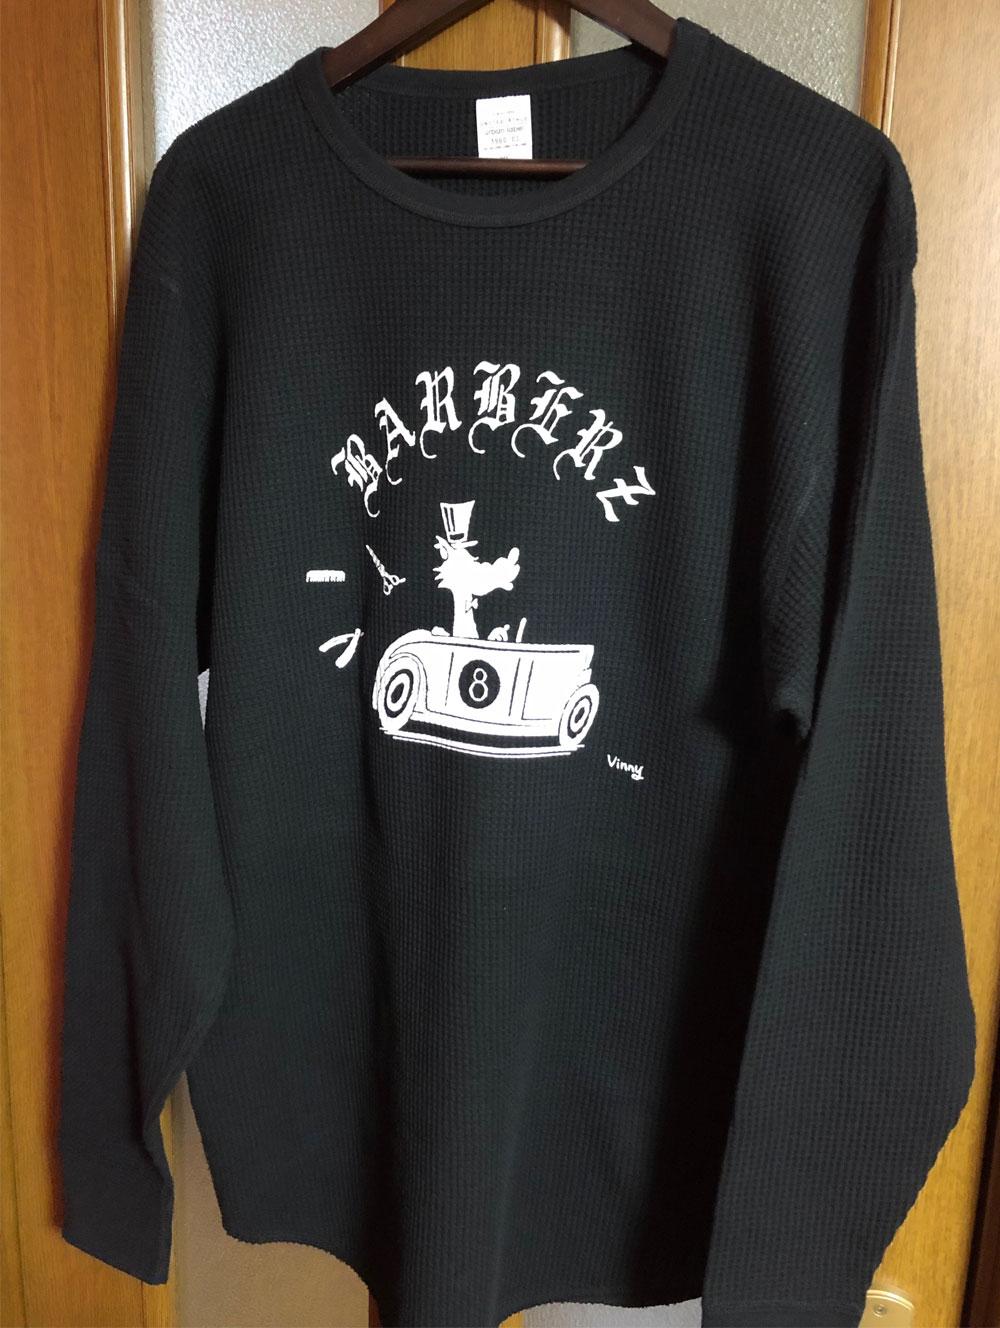 Barberezオリジナル ワッフルL/Sシャツ ブラック